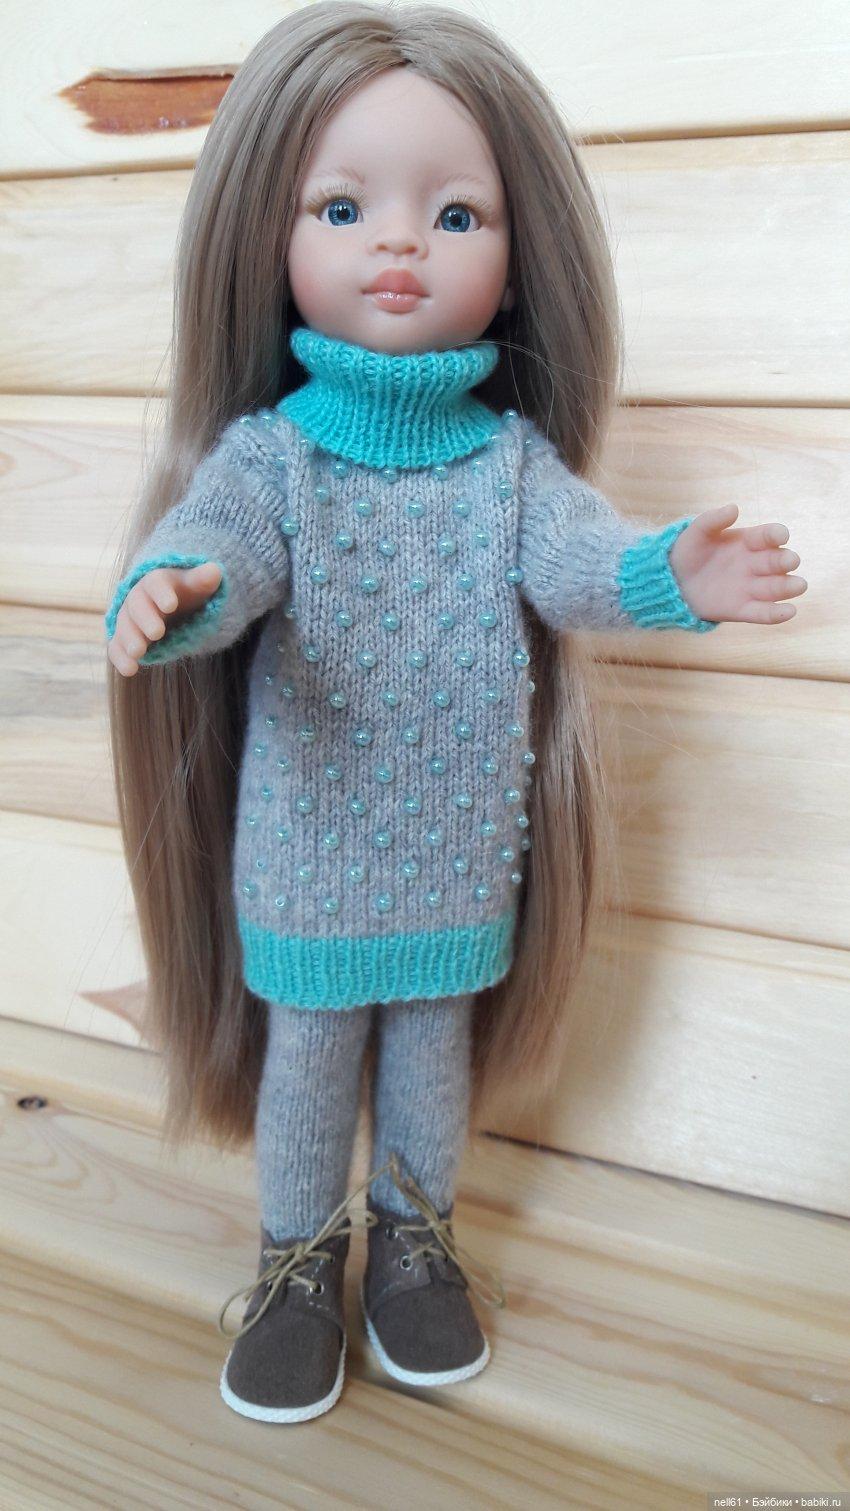 Комплект одежды для кукол Паола Рейна выполнен из кашемира Гоби. Отделка чешским бисером